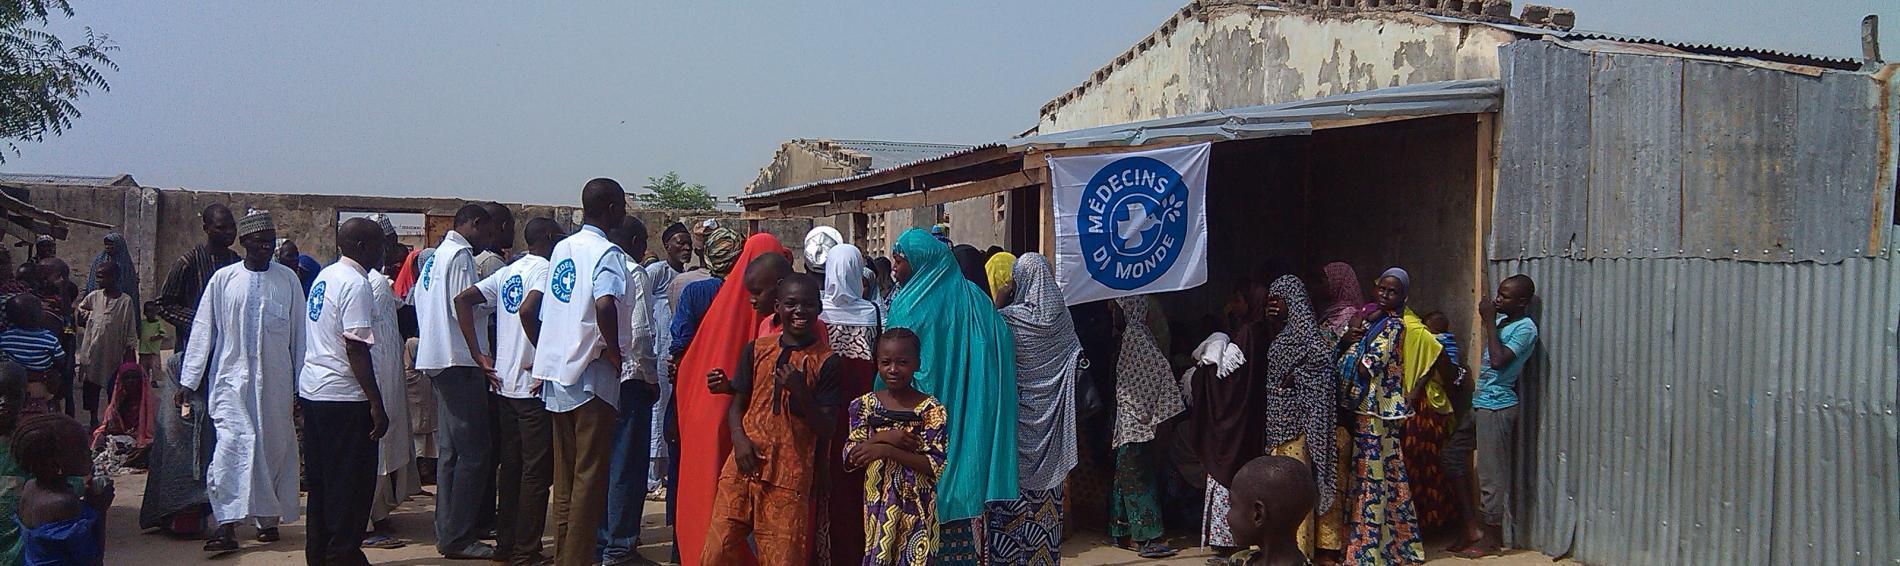 Ärzte der Welt bietet den Menschen in Nigeria eine medizinische Basisversorgung. Foto: Ärzte der Welt